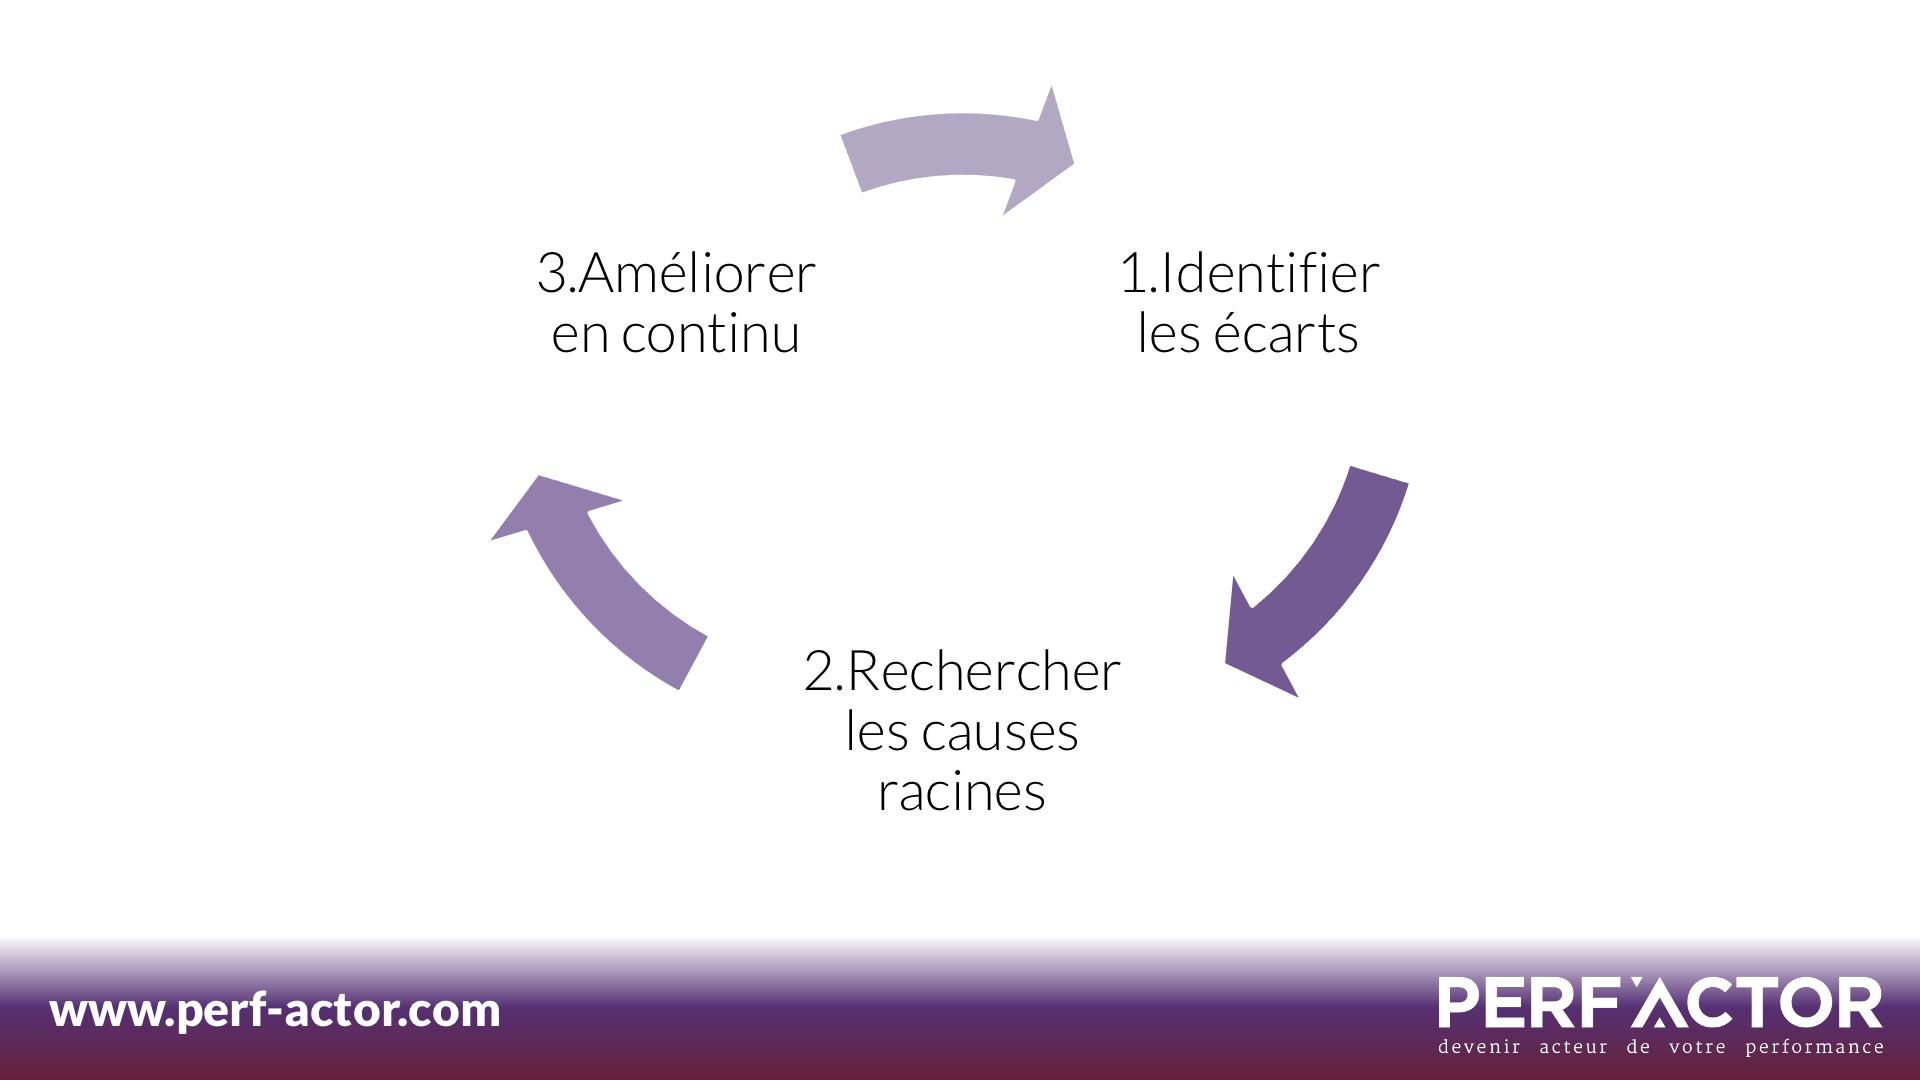 KPI-Performance-Identifier-Ecarts-Rechercher-Causes-Racines-Ameliorer-en-continu